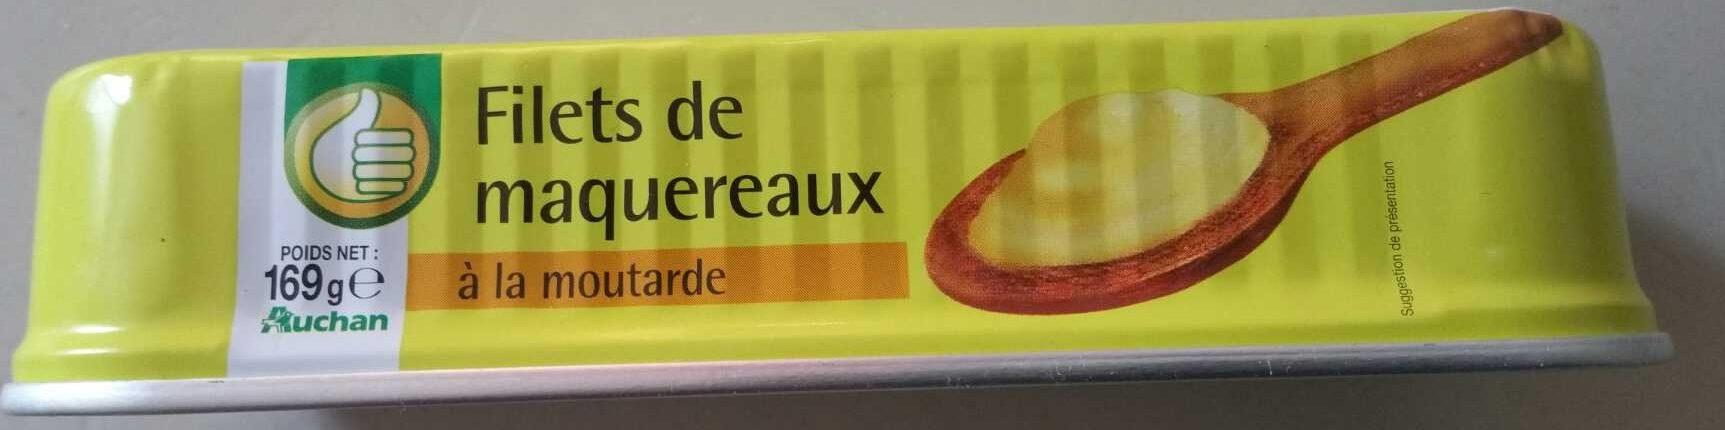 Filets de maquereaux (à la moutarde) - Produit - fr